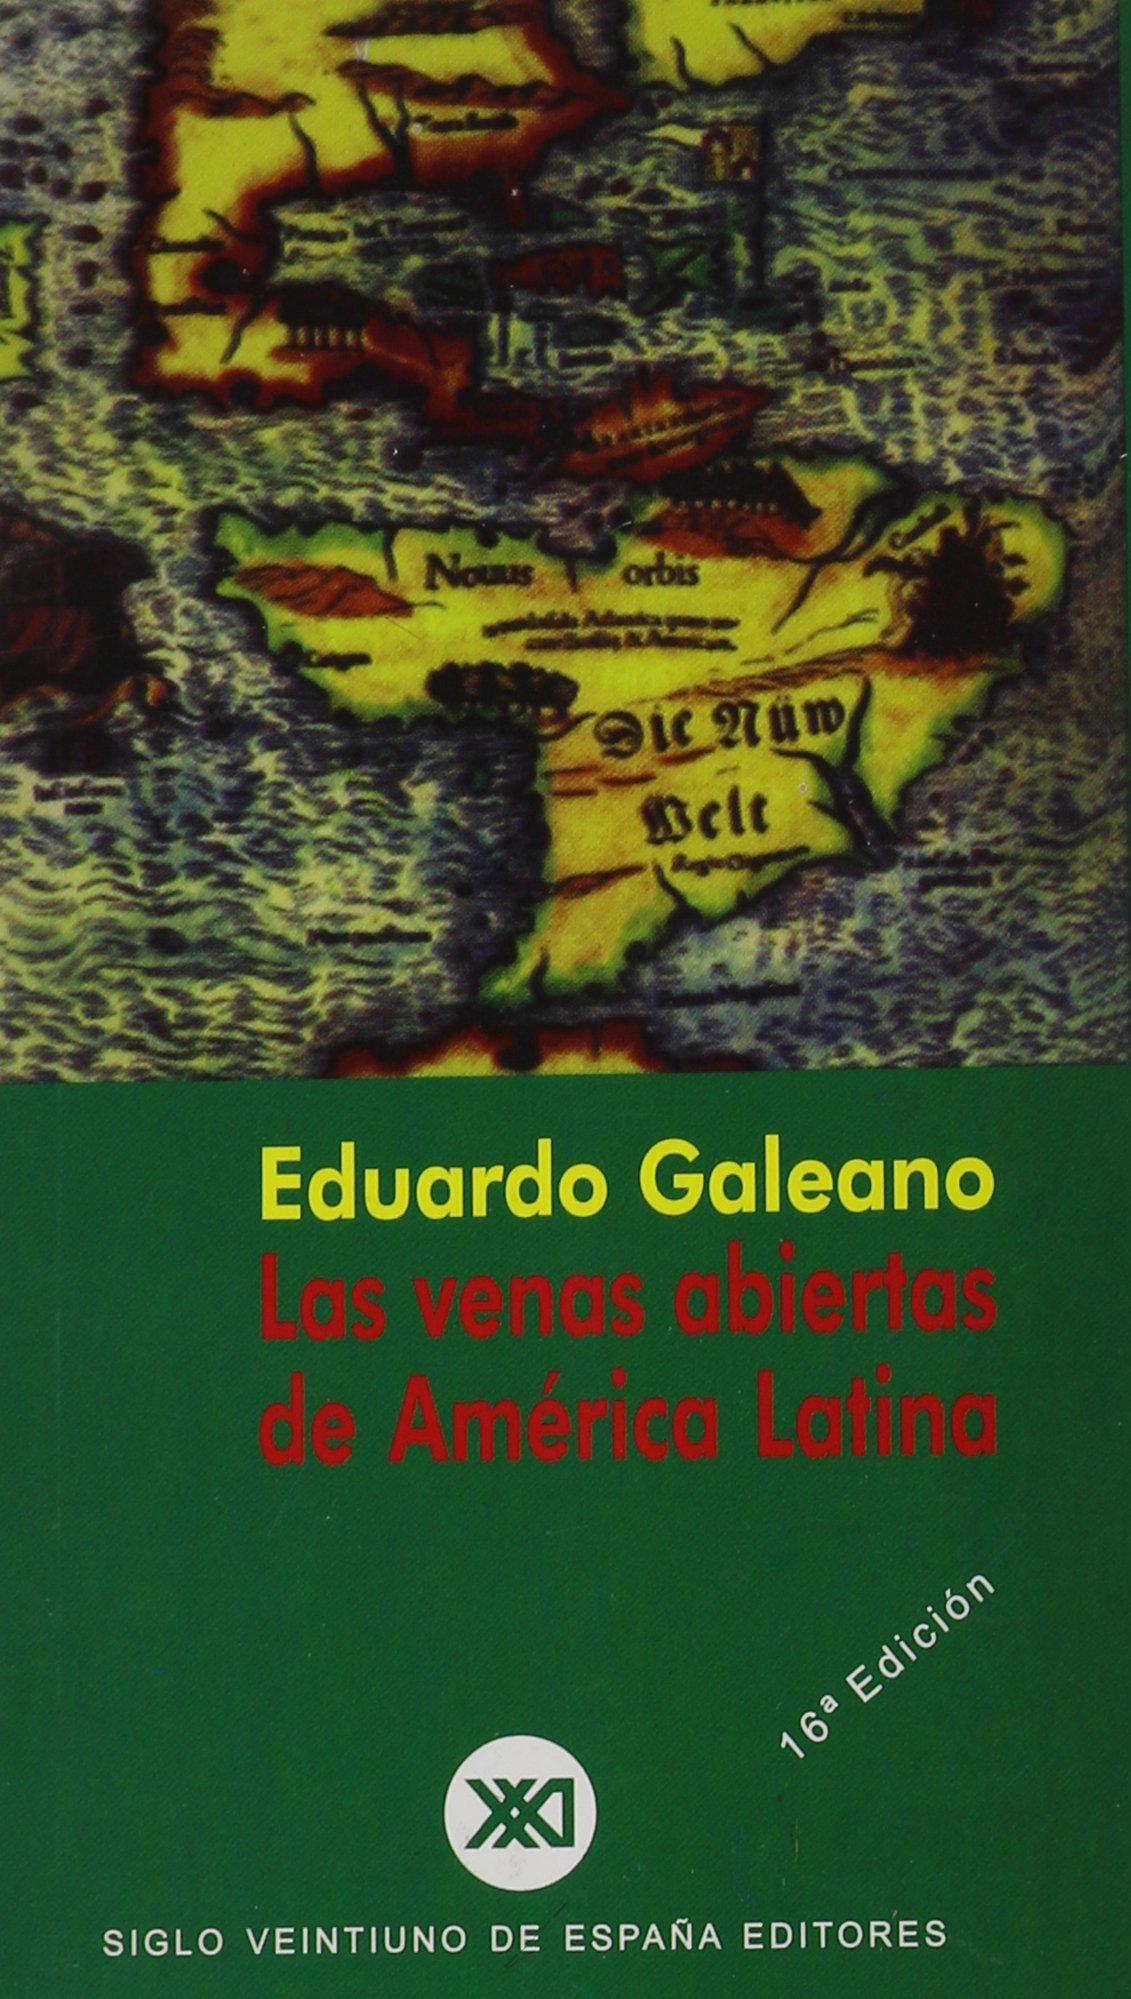 Las venas abiertas de América Latina Biblioteca Eduardo Galeano: Amazon.es: Galeano, Eduardo H., El Cubri: Libros